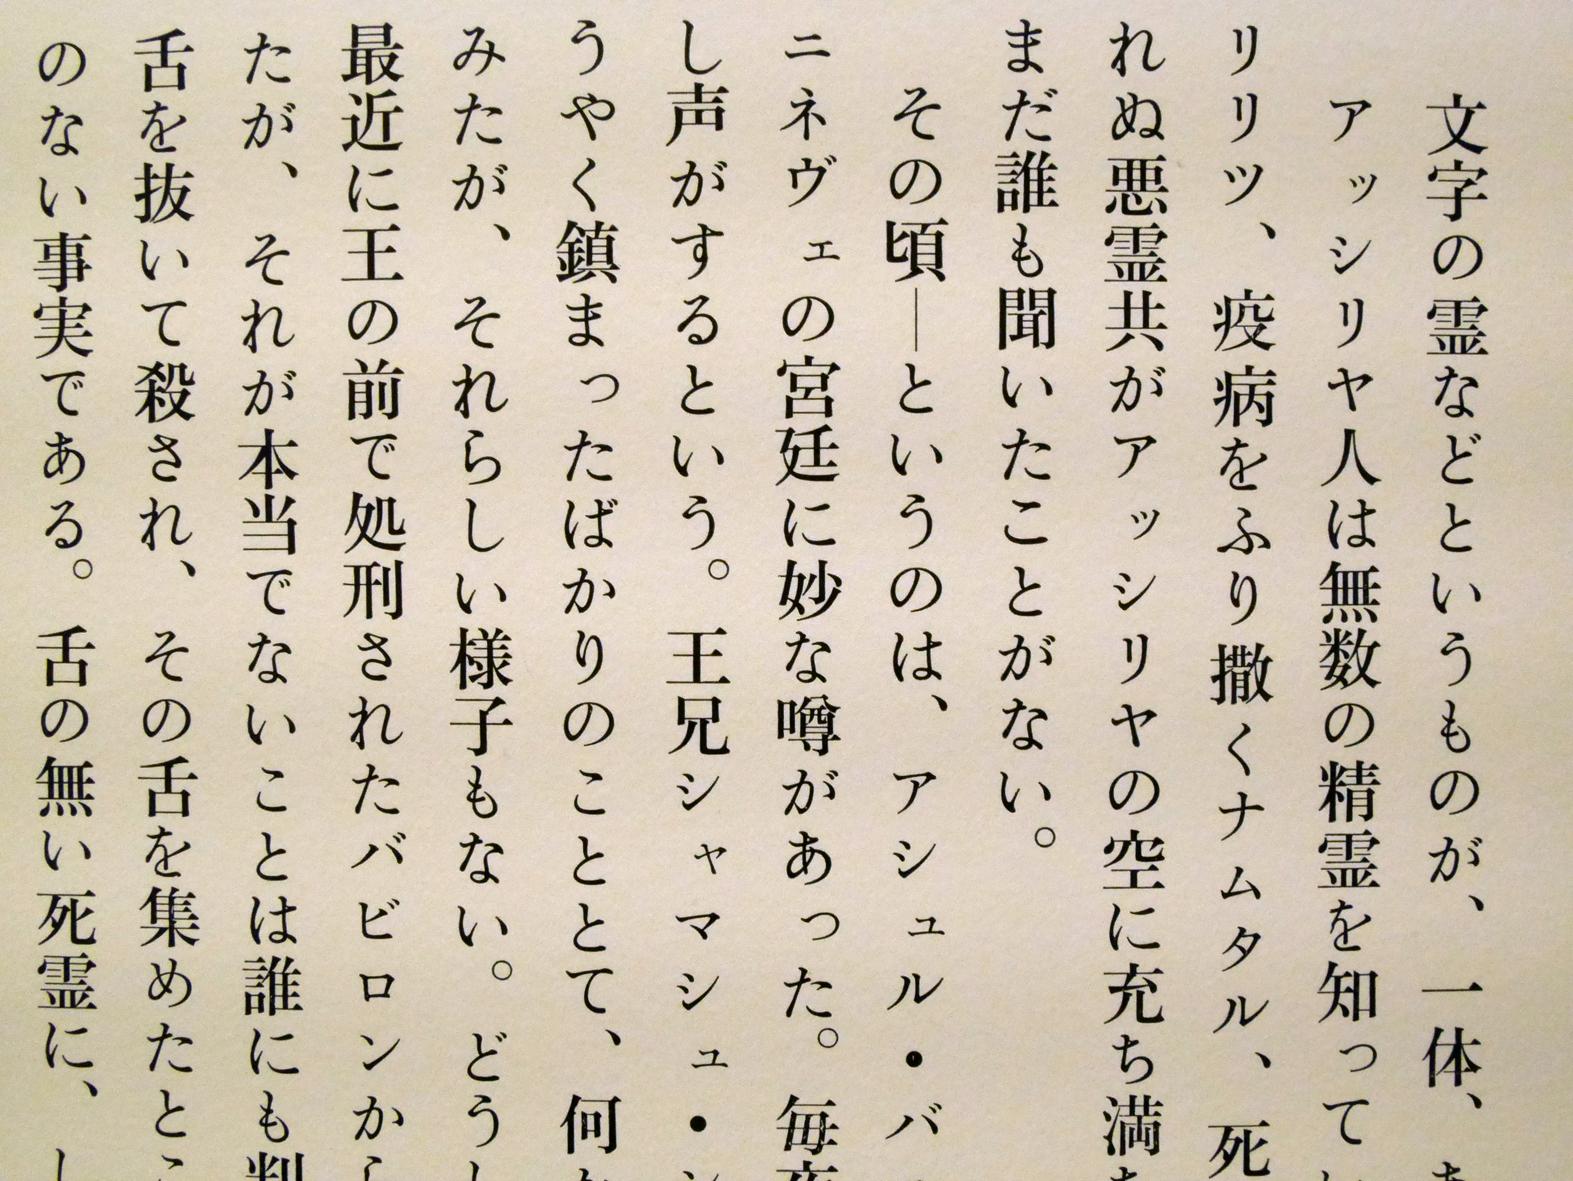 ichihara_asabakatsumiten07.jpg